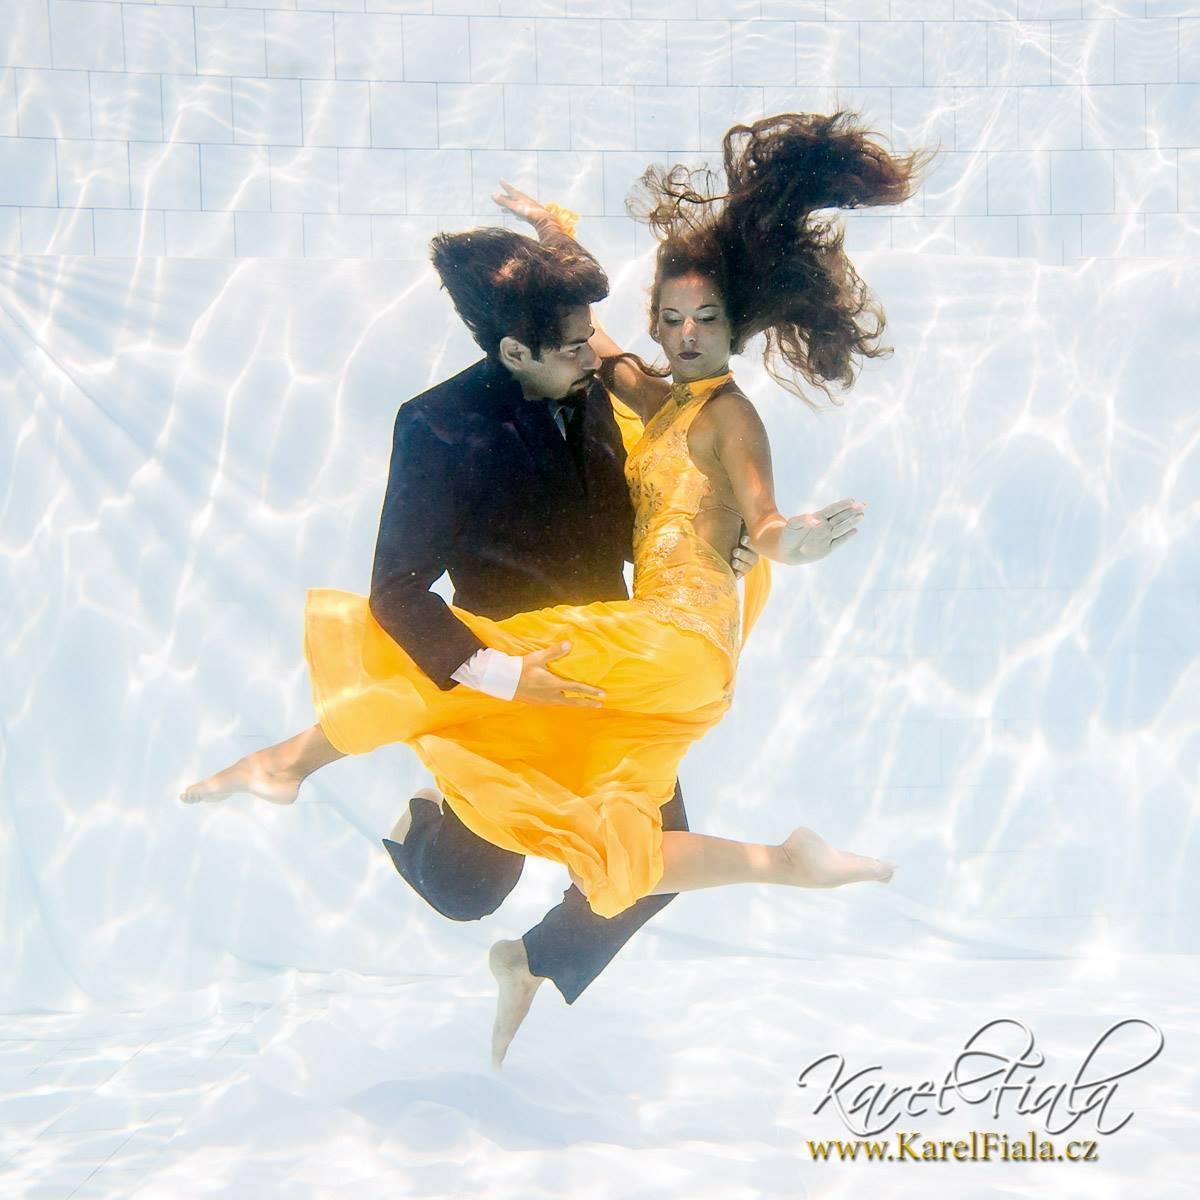 muž ažena tancují pod vodoní hladinou